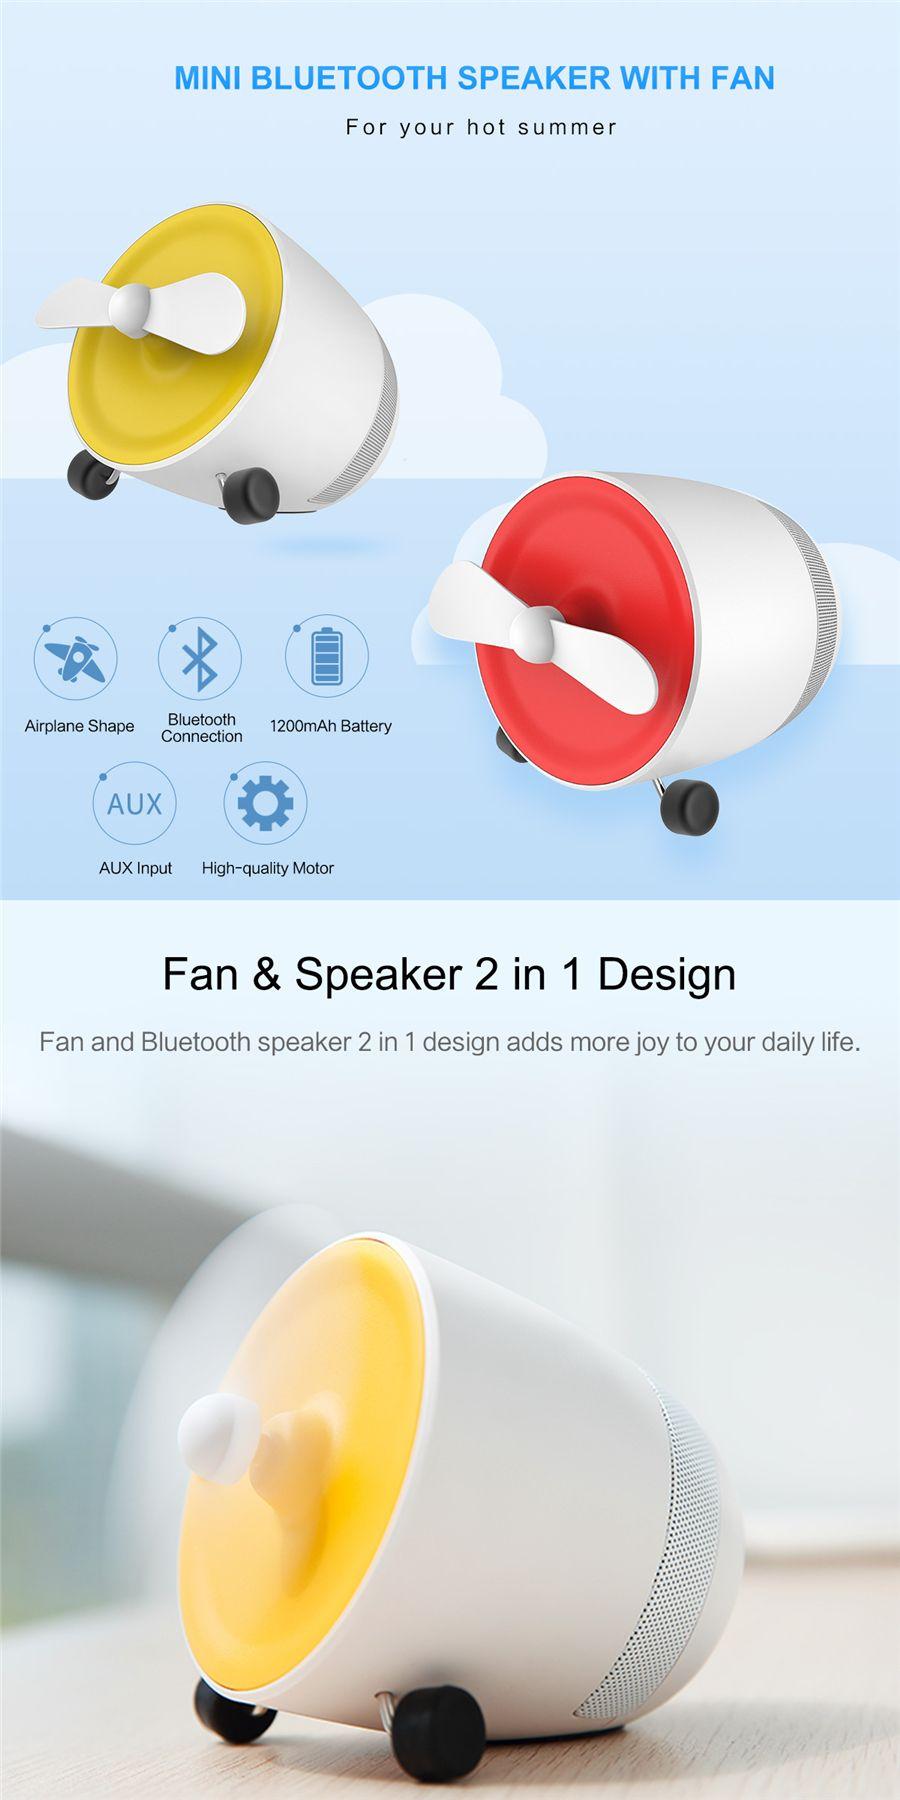 Rockspace Mini Bluetooth Speaker With Fan (4)